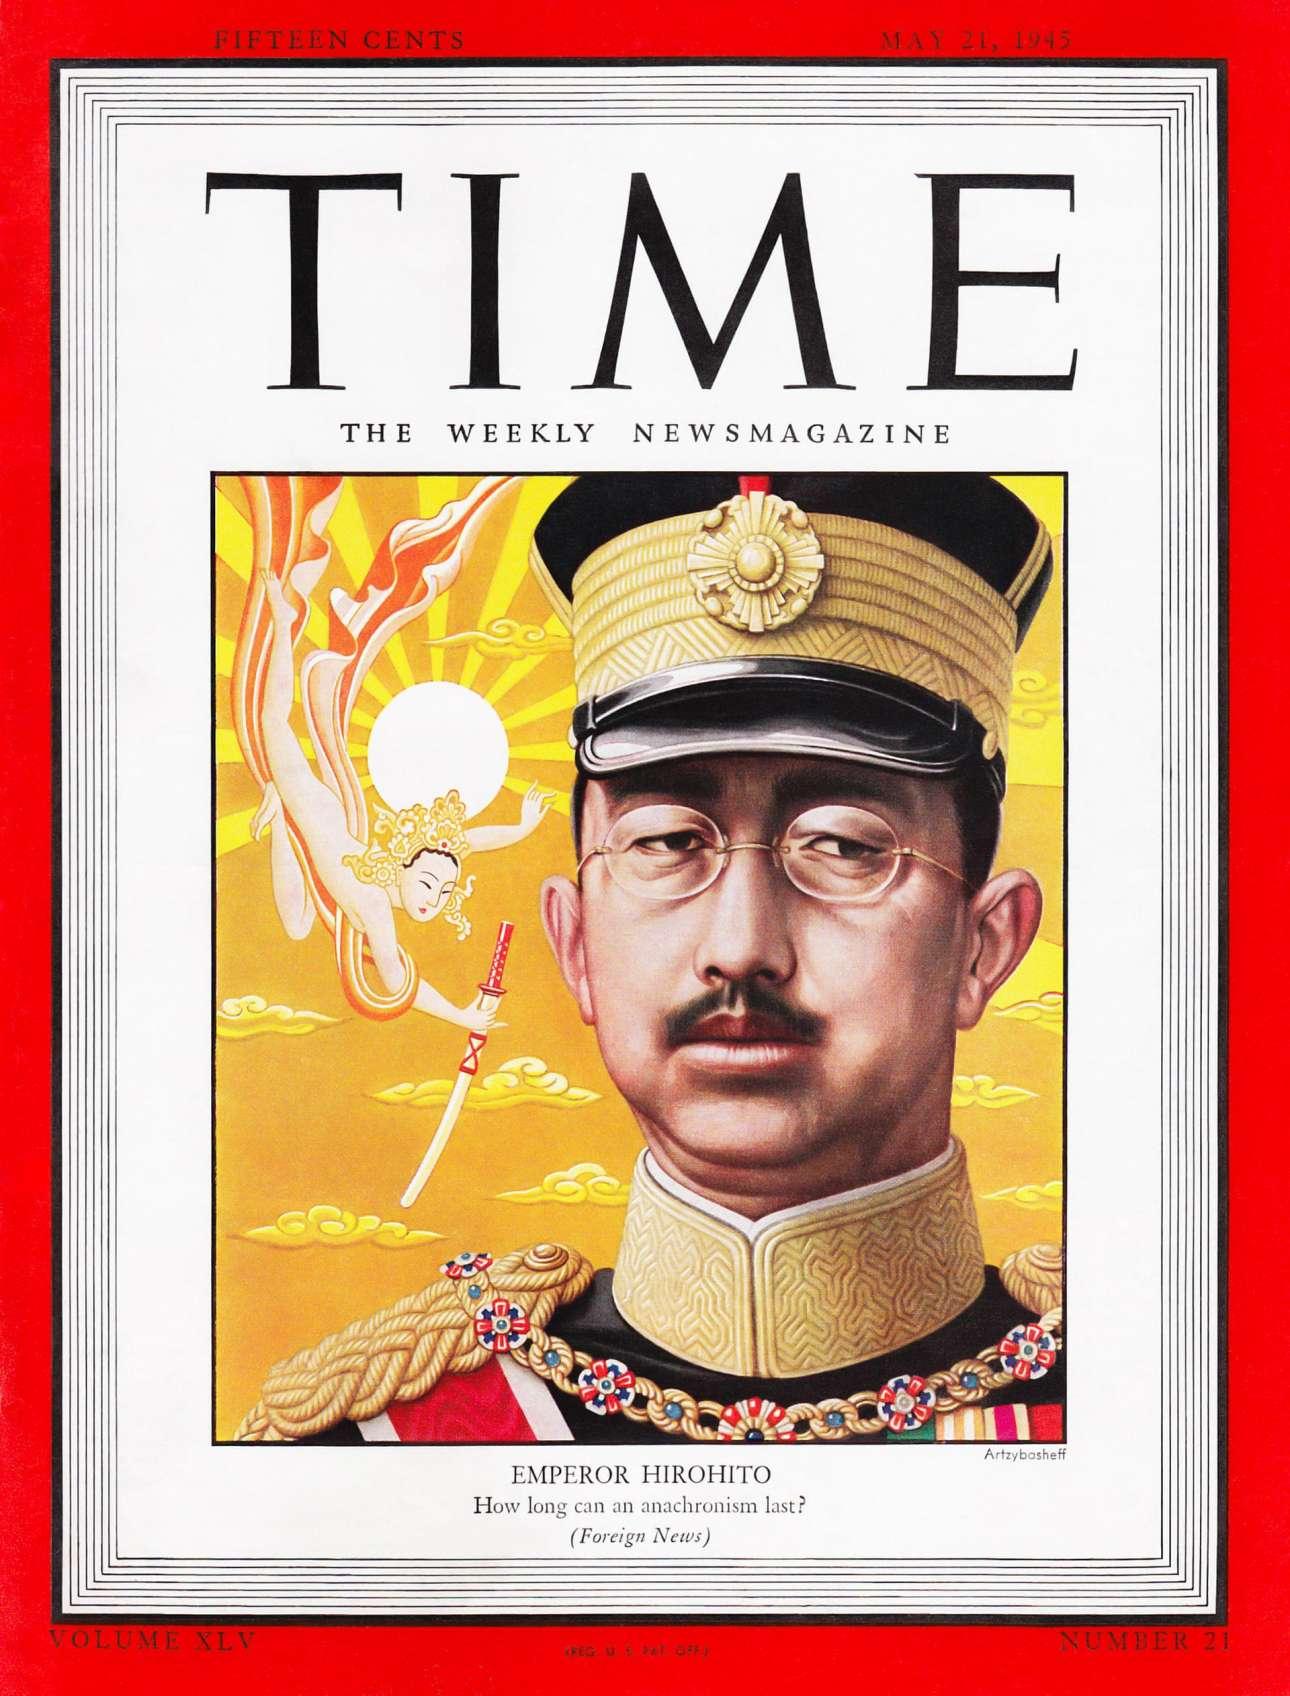 Με τα χρόνια τα εξώφυλλα έγιναν έγχρωμα, ζωγραφισμένα στο χέρι. Σε αυτό, από τις 21 Μαΐου 1945, εικονίζεται ο ιάπωνας αυτοκράτορας Χιροχίτο. Λίγους μήνες αργότερα θα υπογραφόταν η συνθηκολόγηση της χώρας του και θα έληγε ο Β' Παγκόσμιος Πόλεμος